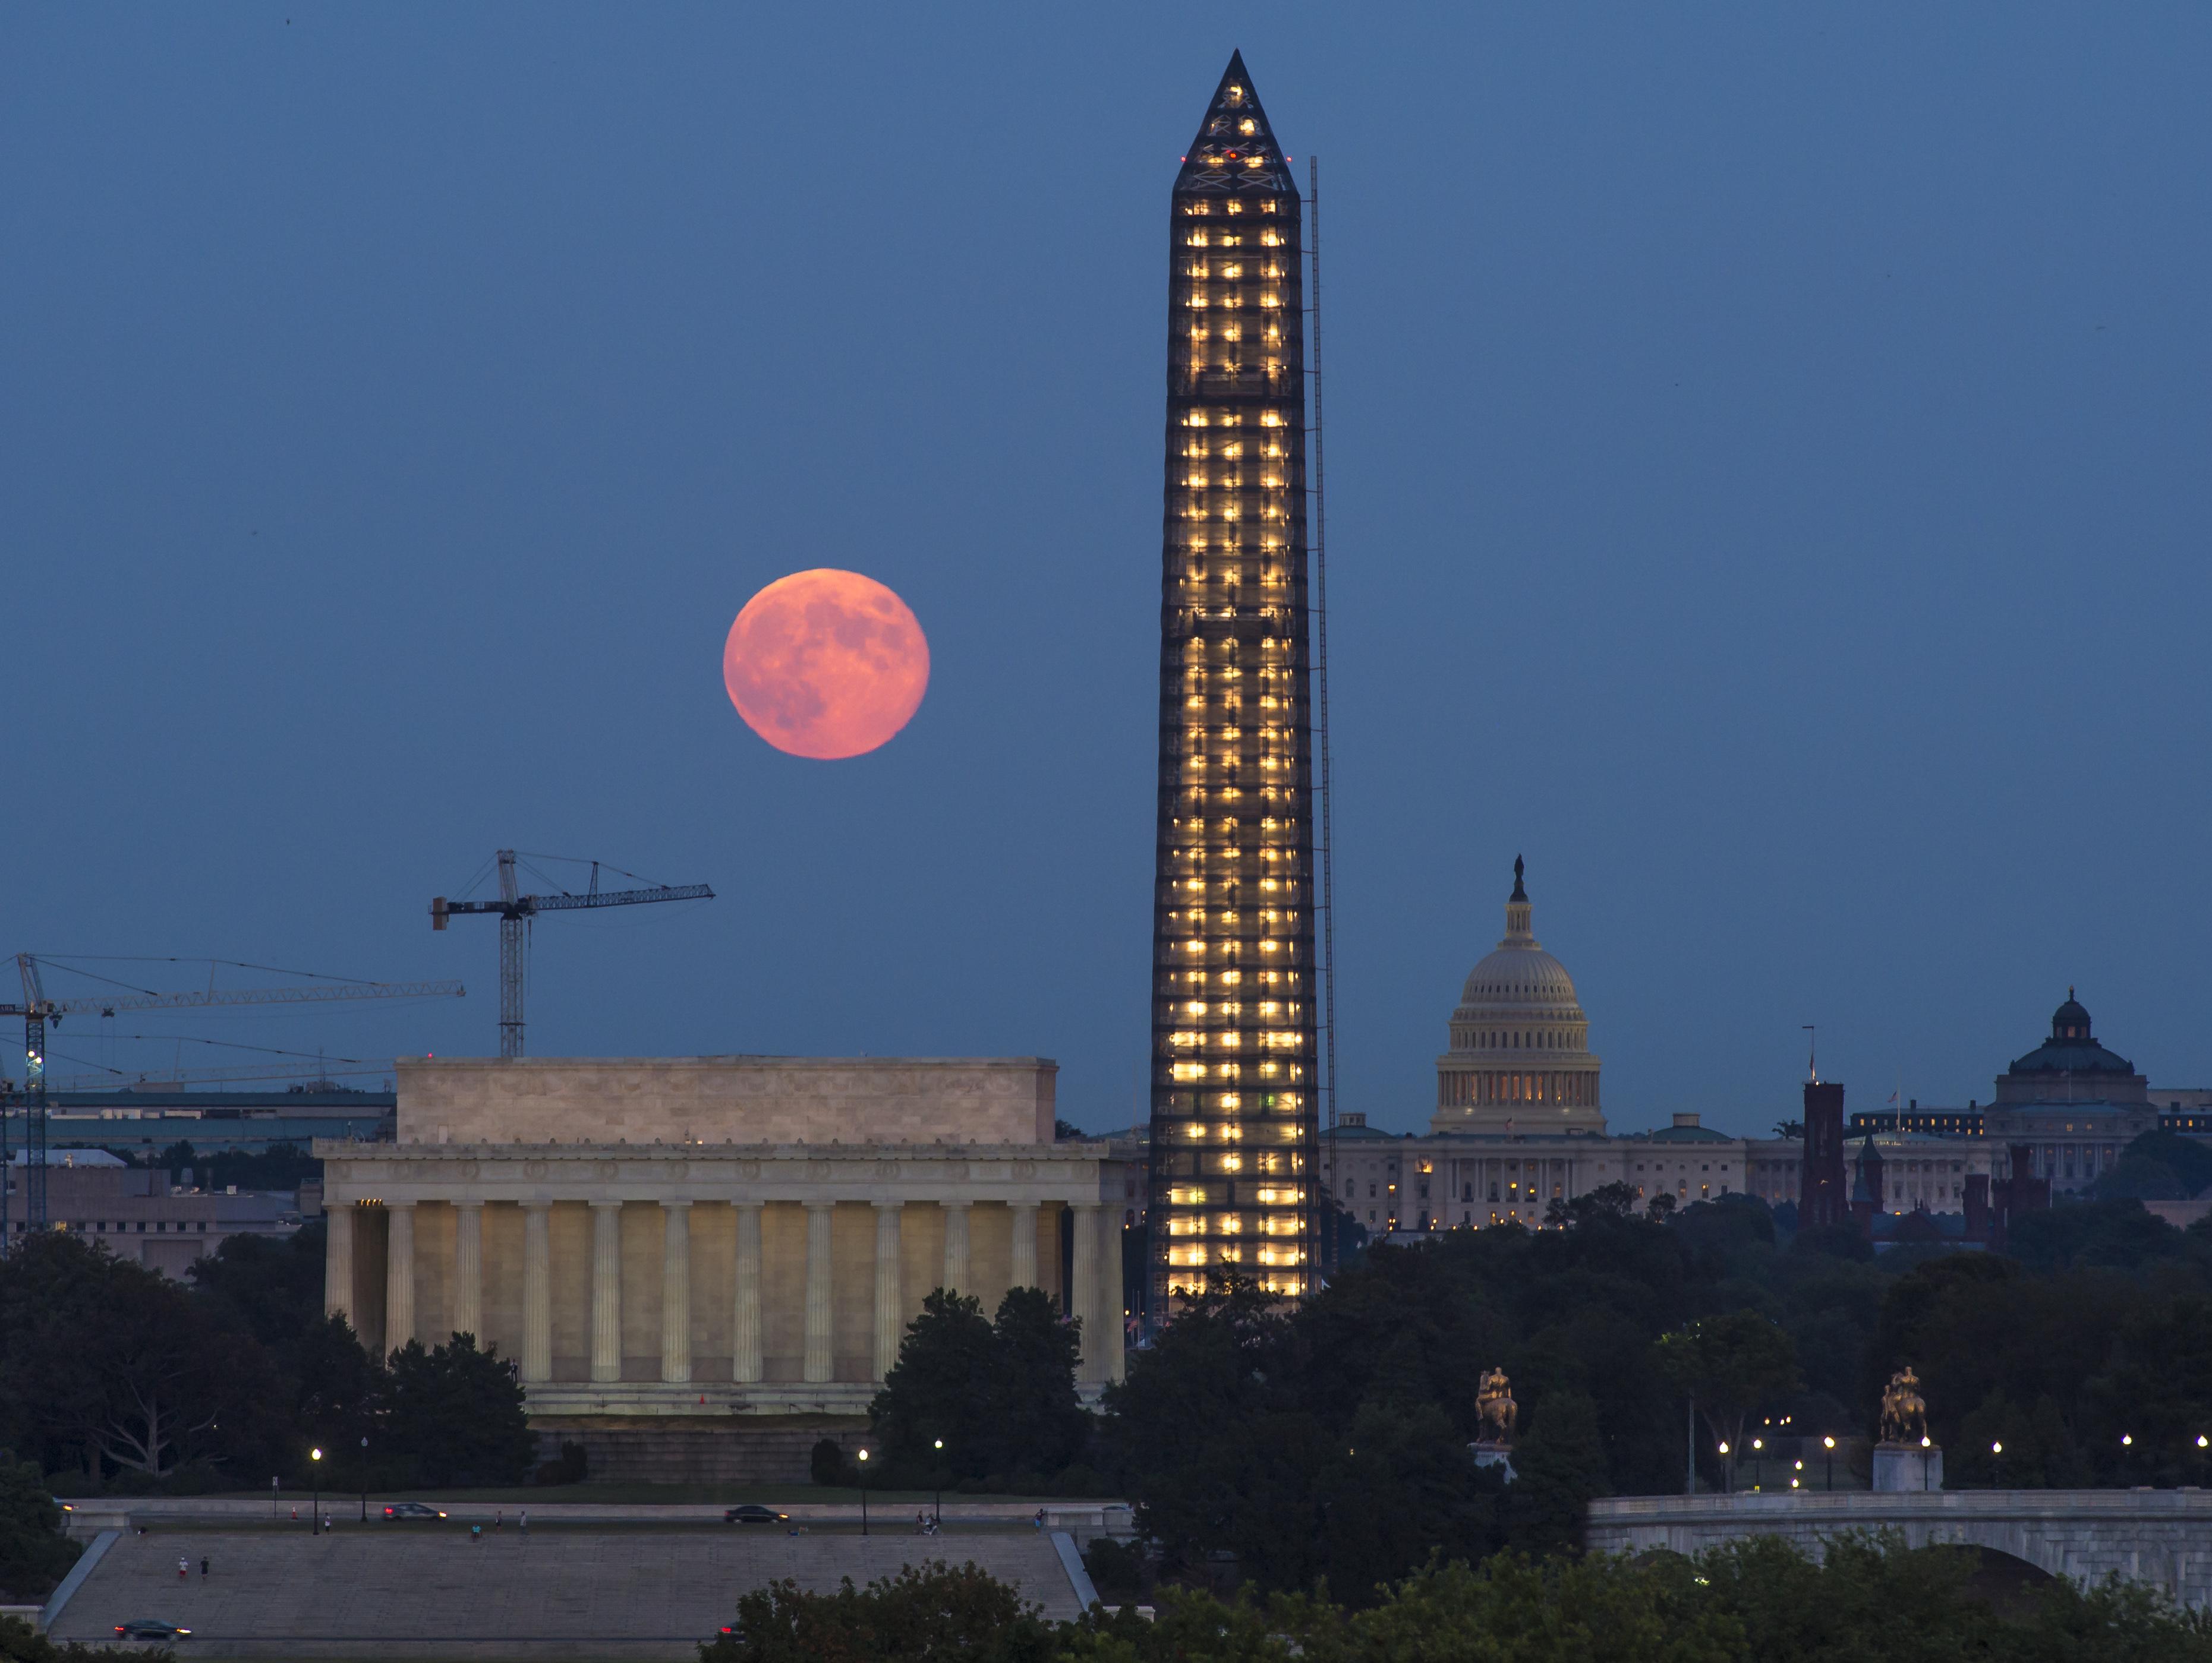 Luna de esta noche será especial, voltee al cielo